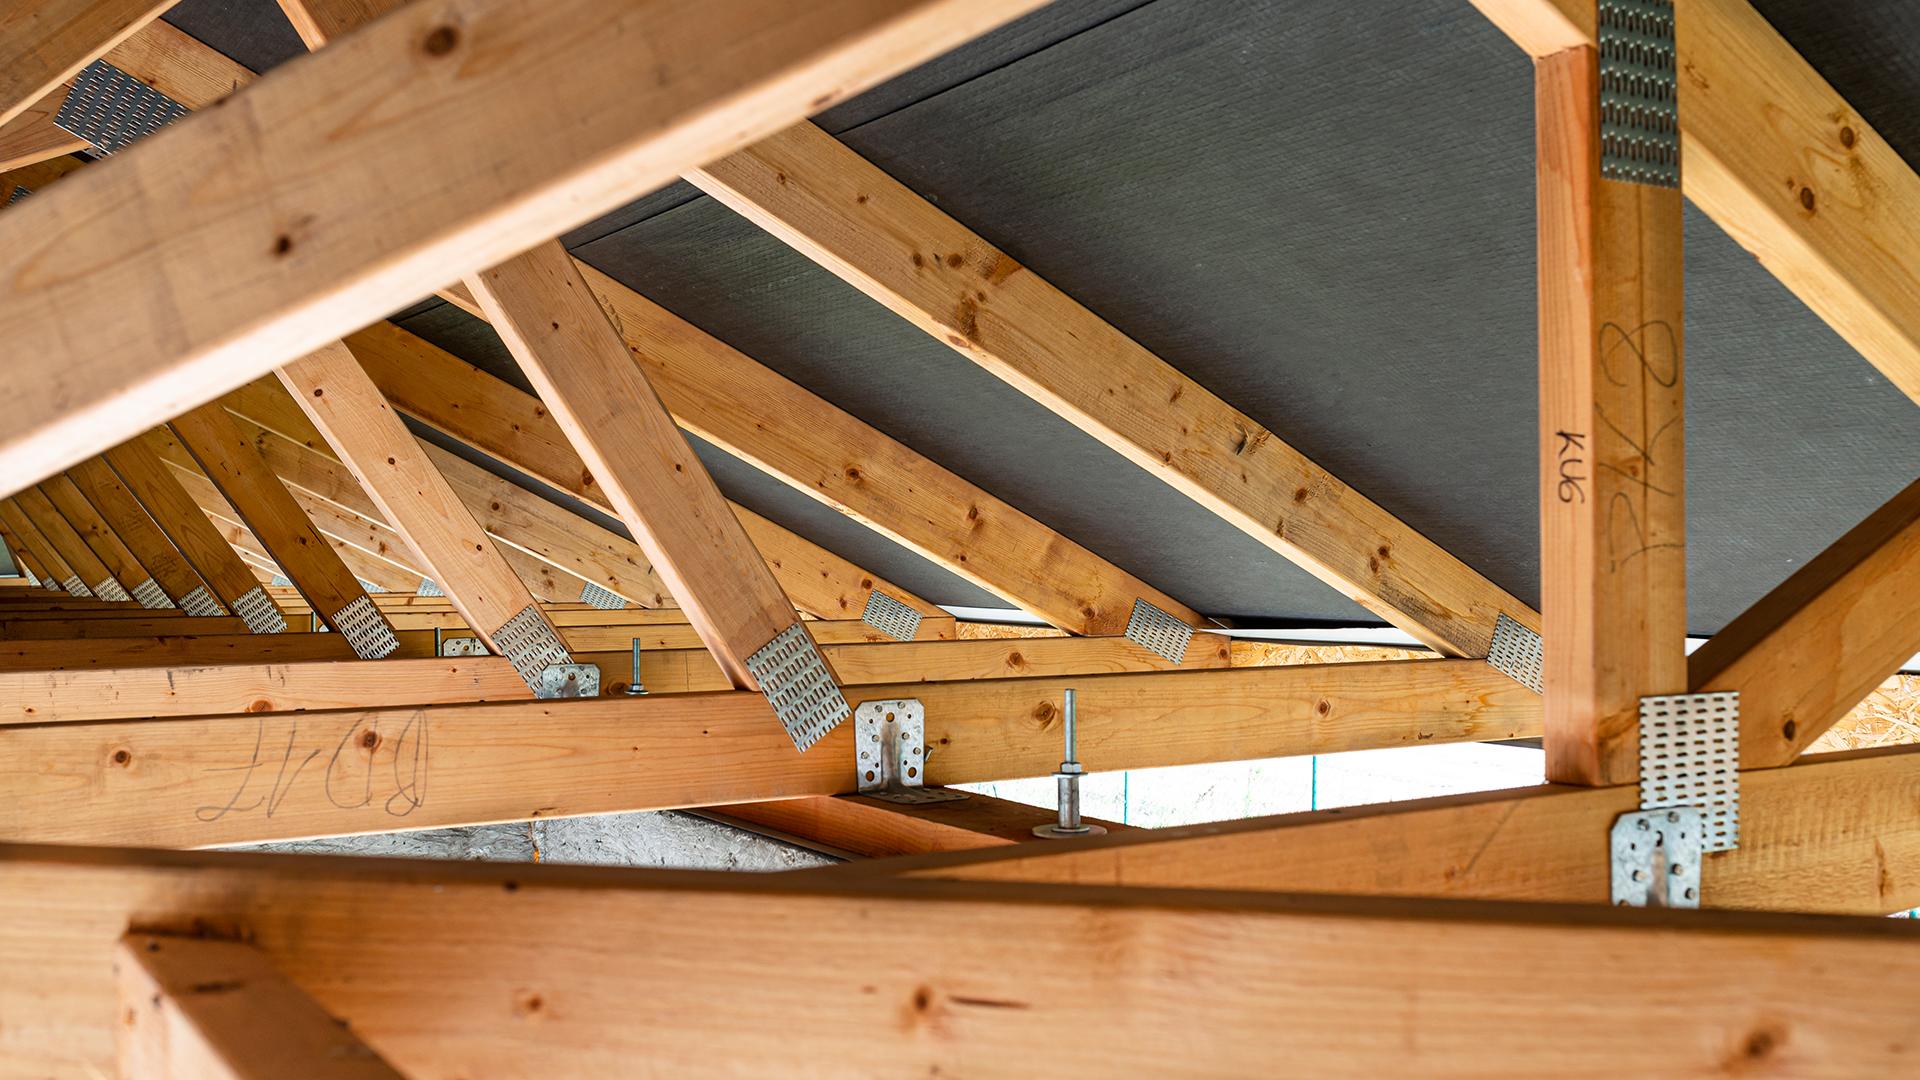 A megbízható tető építéséhez fontos a jó minőségű faanyag, a megfelelő szakember